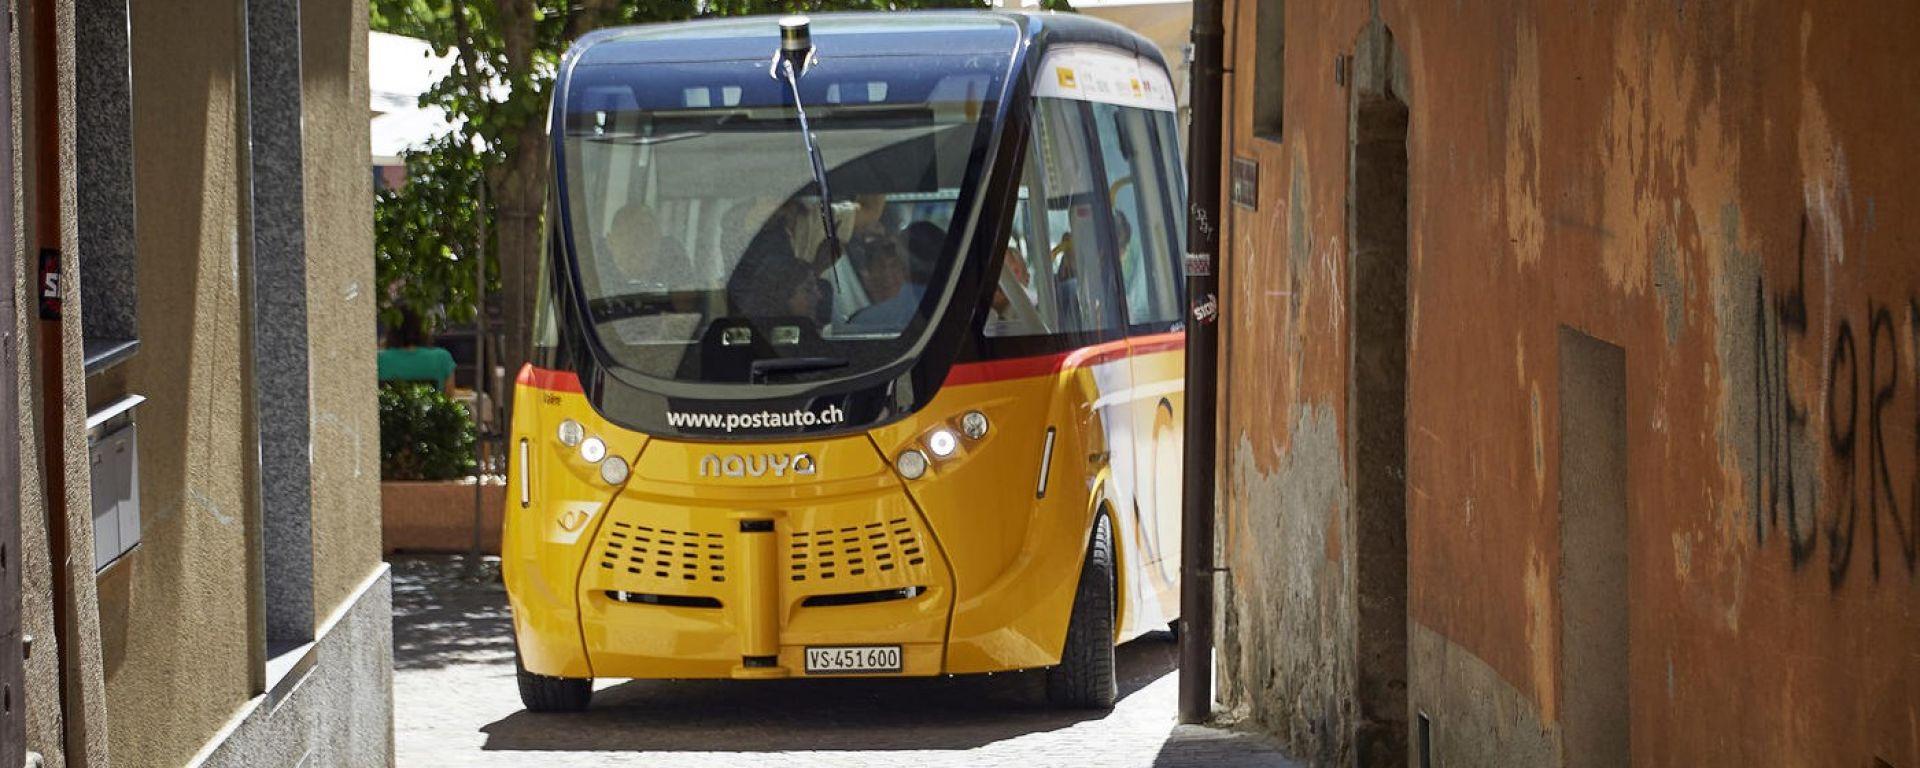 Smartshuttle: ripresi i test dei bus a guida autonoma